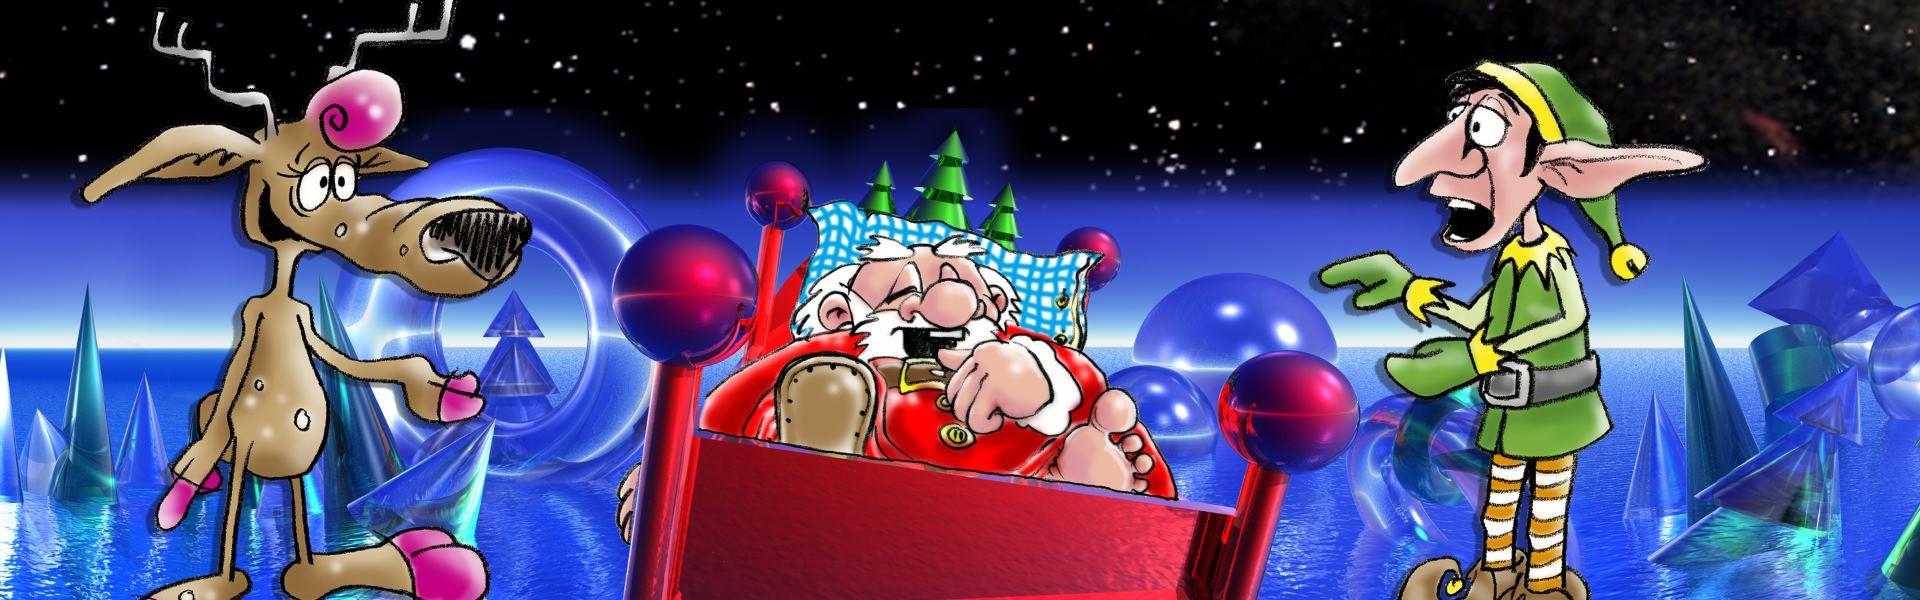 Wer rettet den Weihnachtsmann?